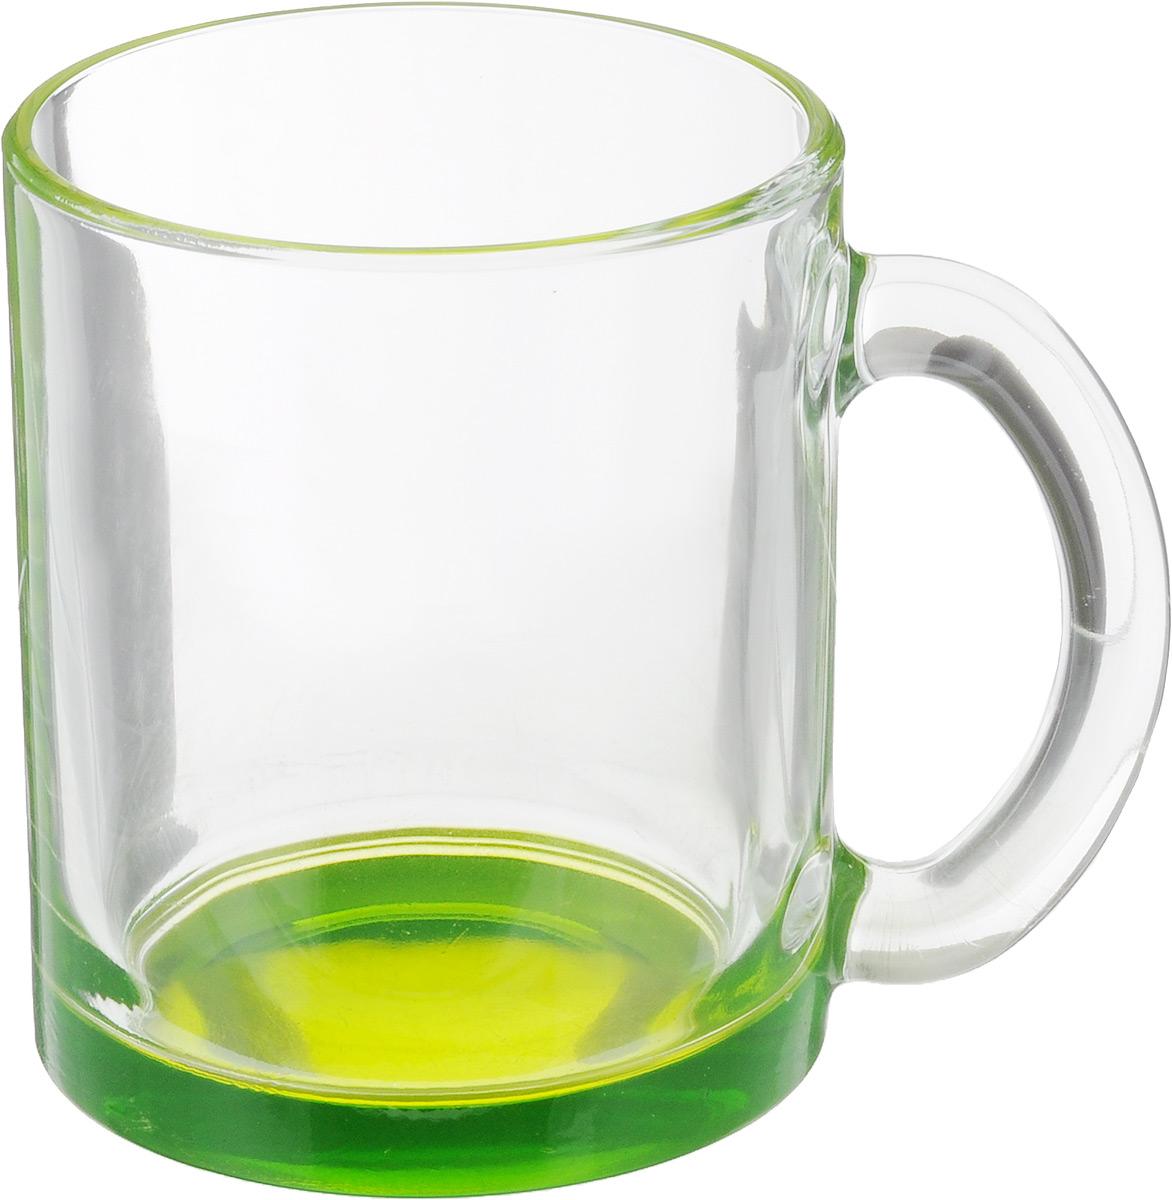 Кружка OSZ Чайная, цвет: прозрачный, зеленый, 320 мл54 009312Кружка OSZ Чайная изготовлена из стекла двух цветов. Изделие идеально подходит для сервировки стола.Кружка не только украсит ваш кухонный стол, но подчеркнет прекрасный вкус хозяйки. Диаметр кружки (по верхнему краю): 8 см. Высота кружки: 9,5 см. Объем кружки: 320 мл.